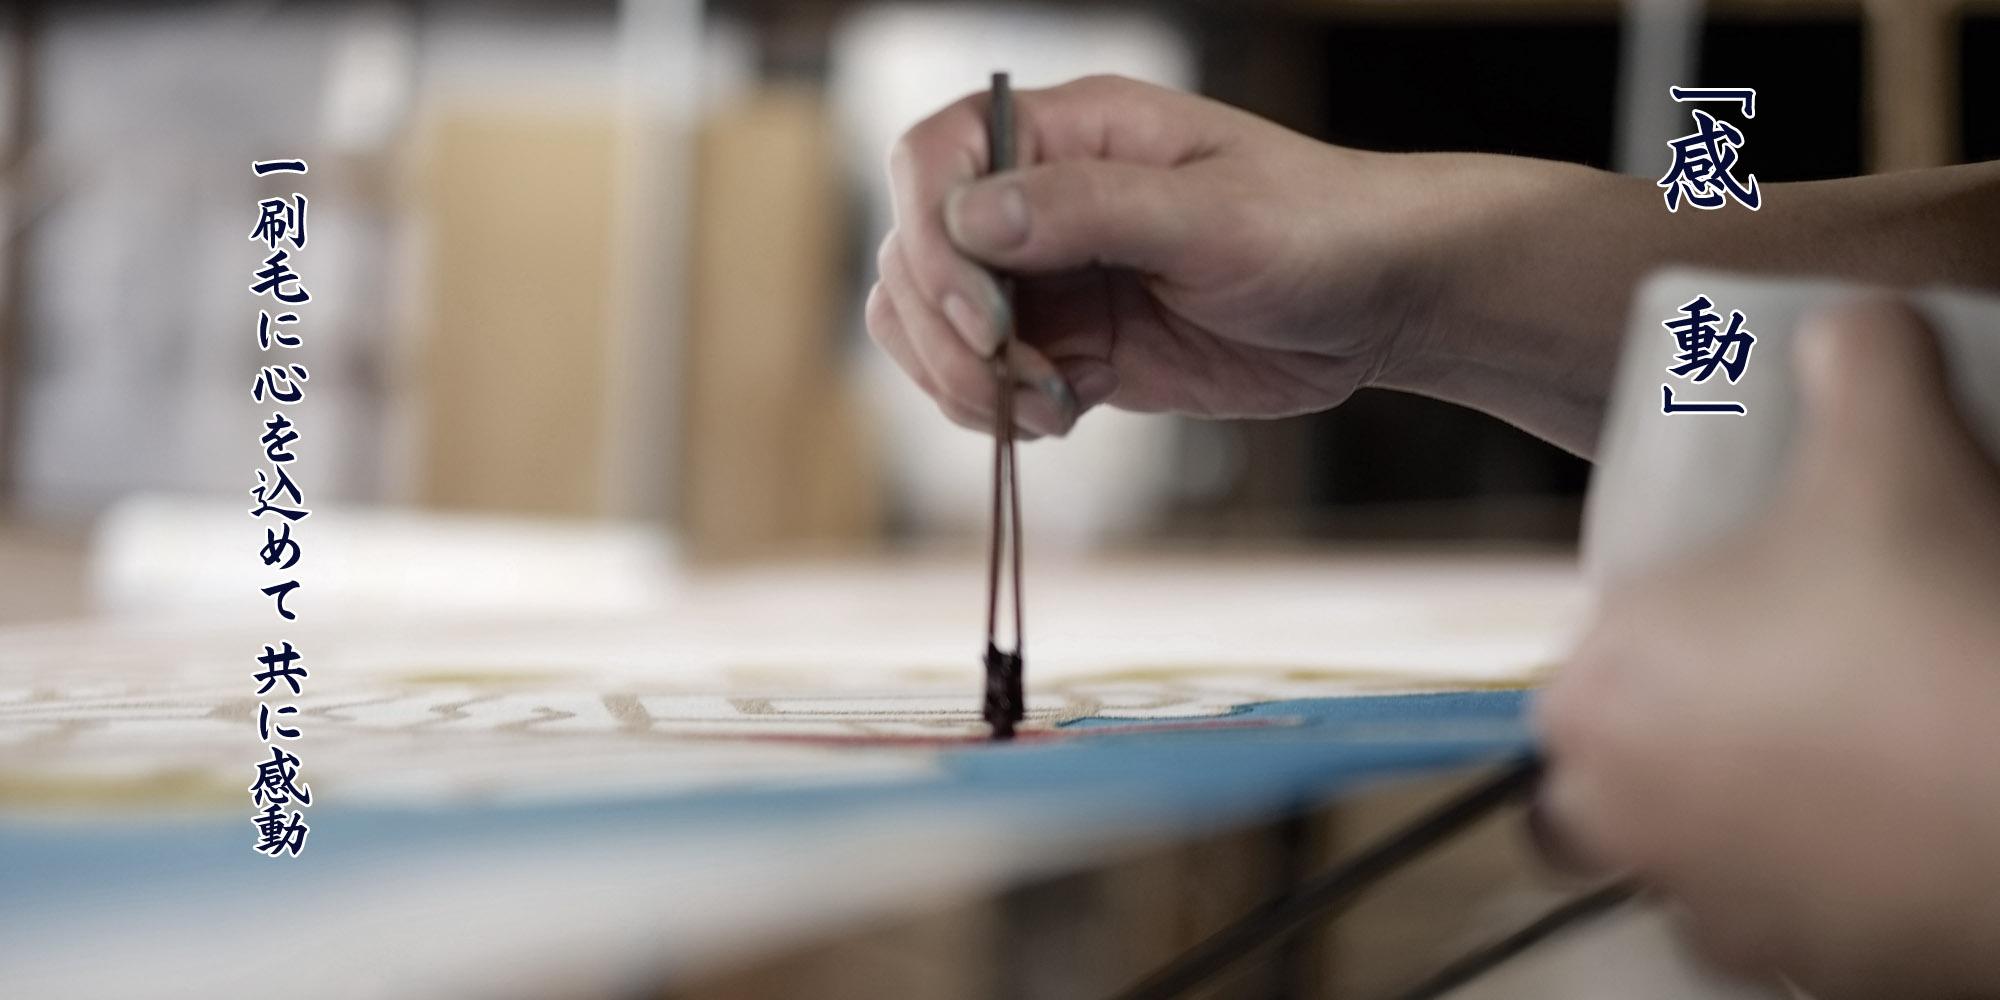 伊藤染工場の染物はお客様の想いを共感することから始まります